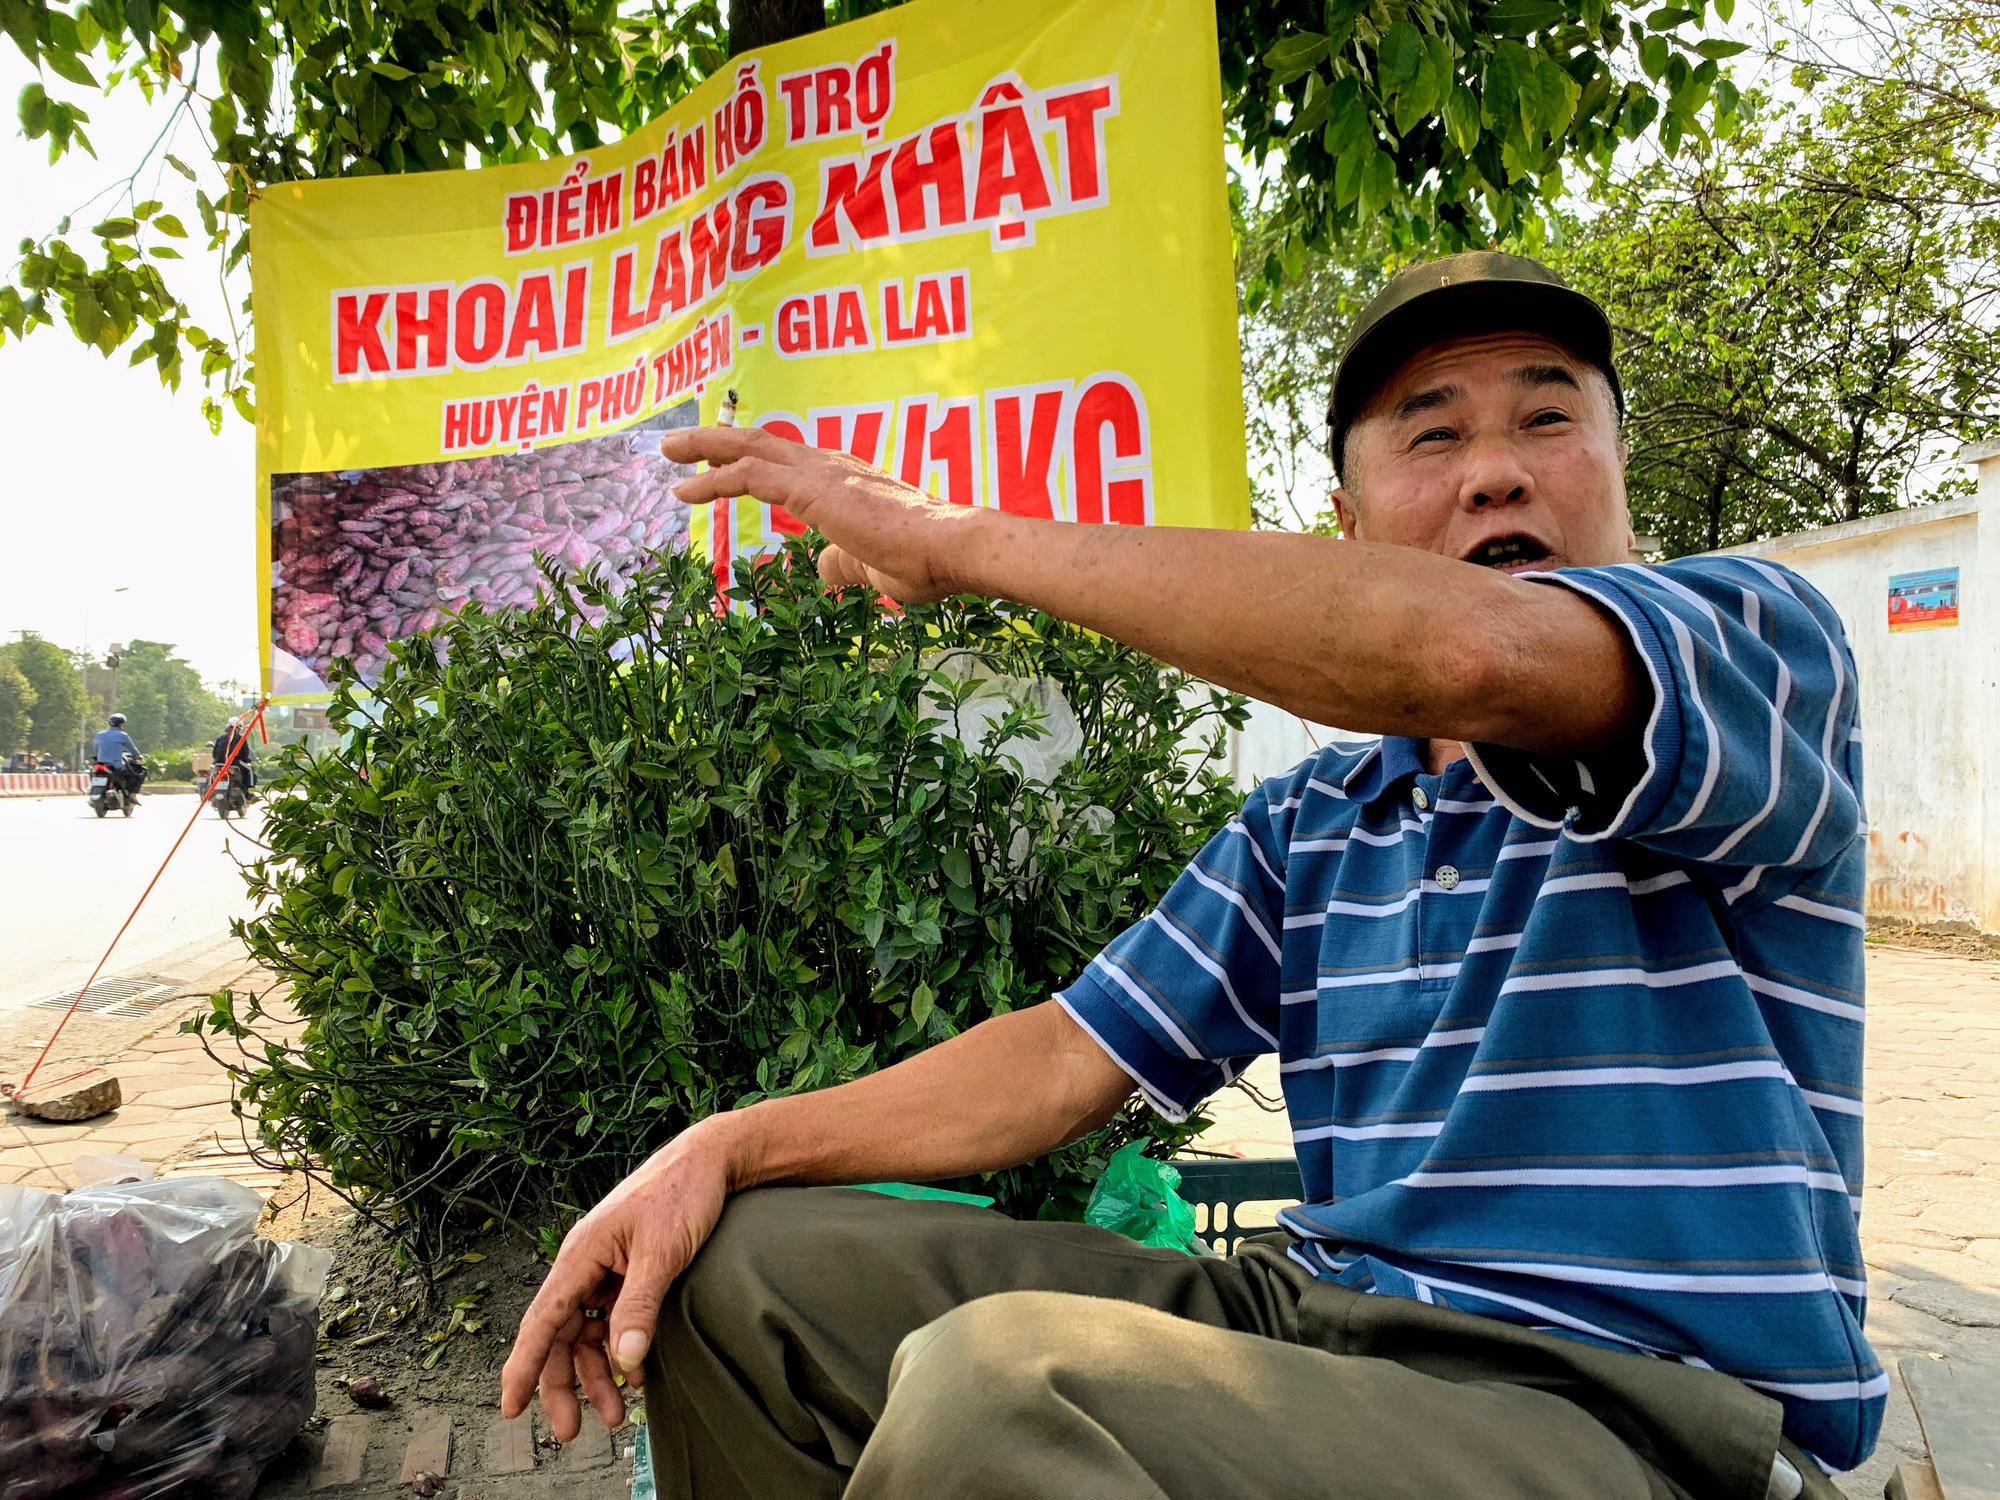 Hàng trăm tấn khoai lang nằm dài trên đường phố Hà Nội chờ 'giải cứu' - Ảnh 4.